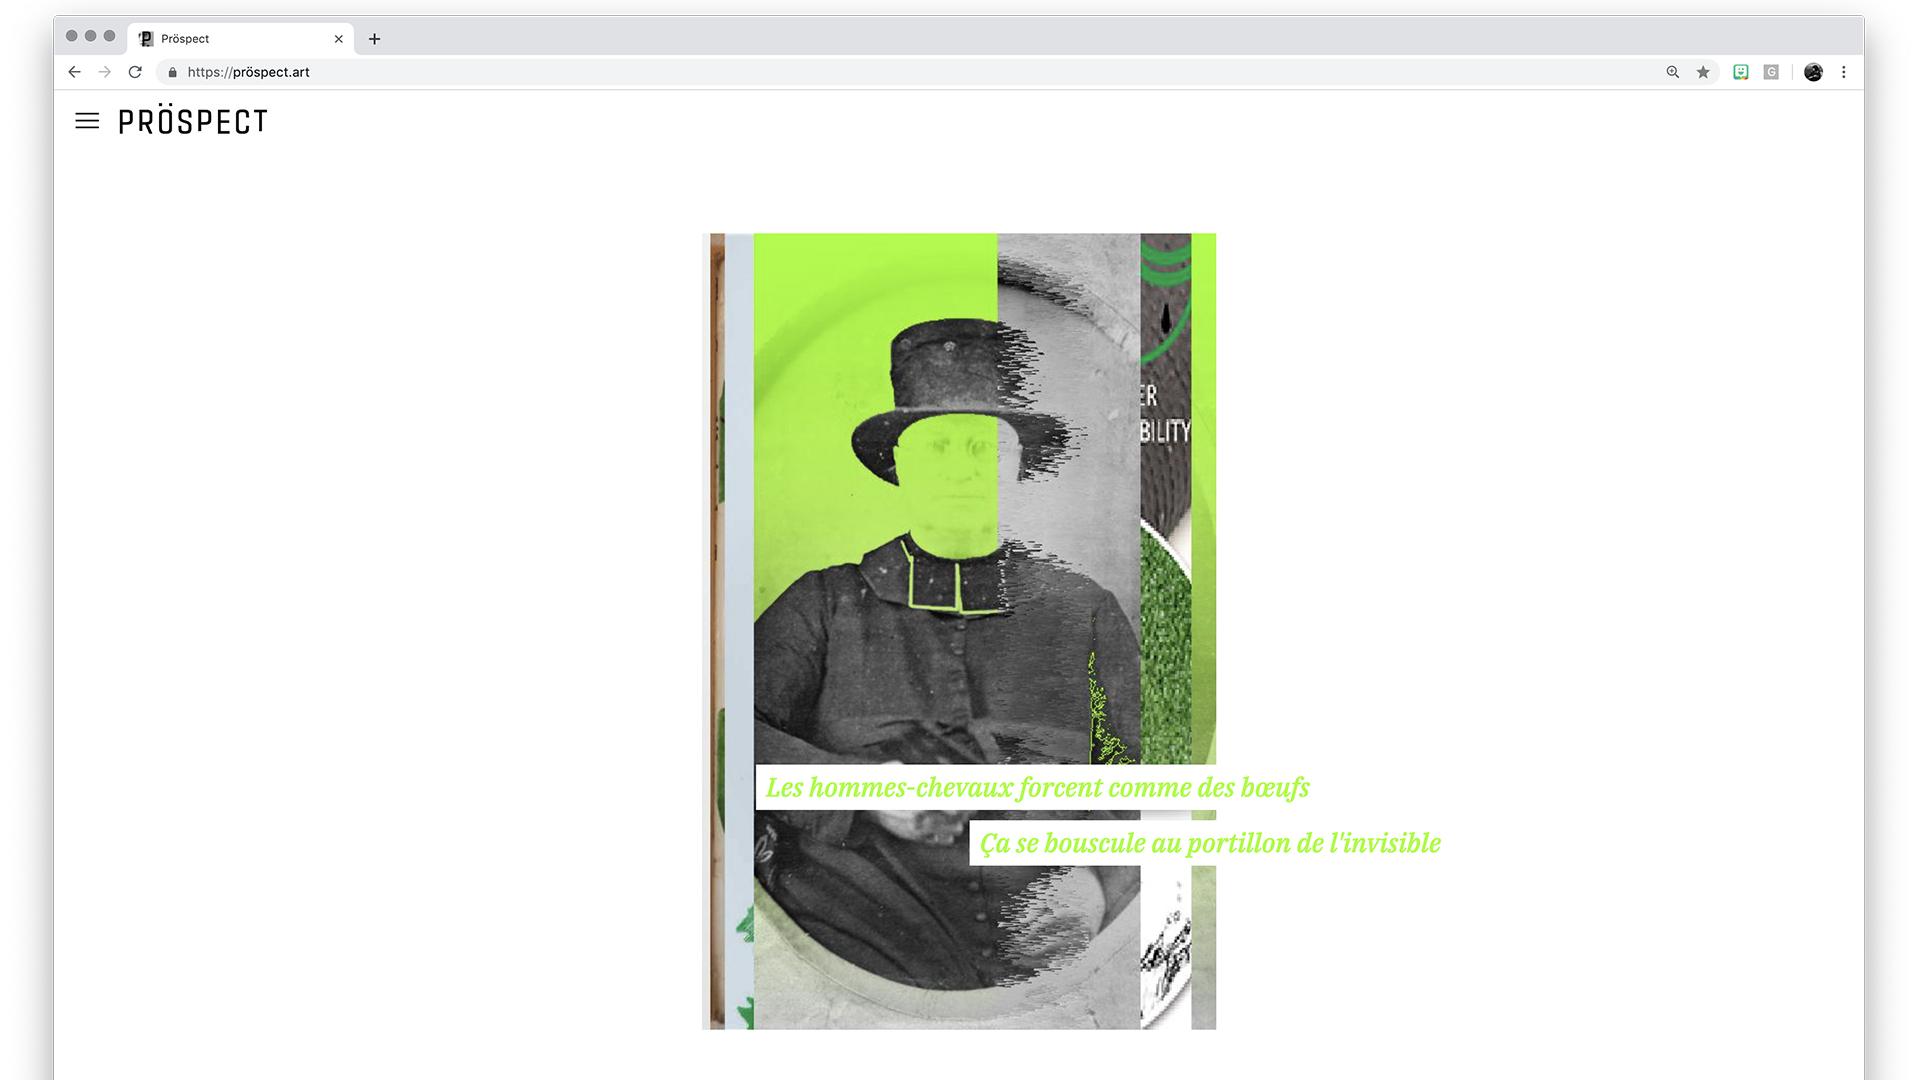 PRODUCTIONCULTURELLE_OEUVRENUMERIQUE_PROPSPECT_05.jpg